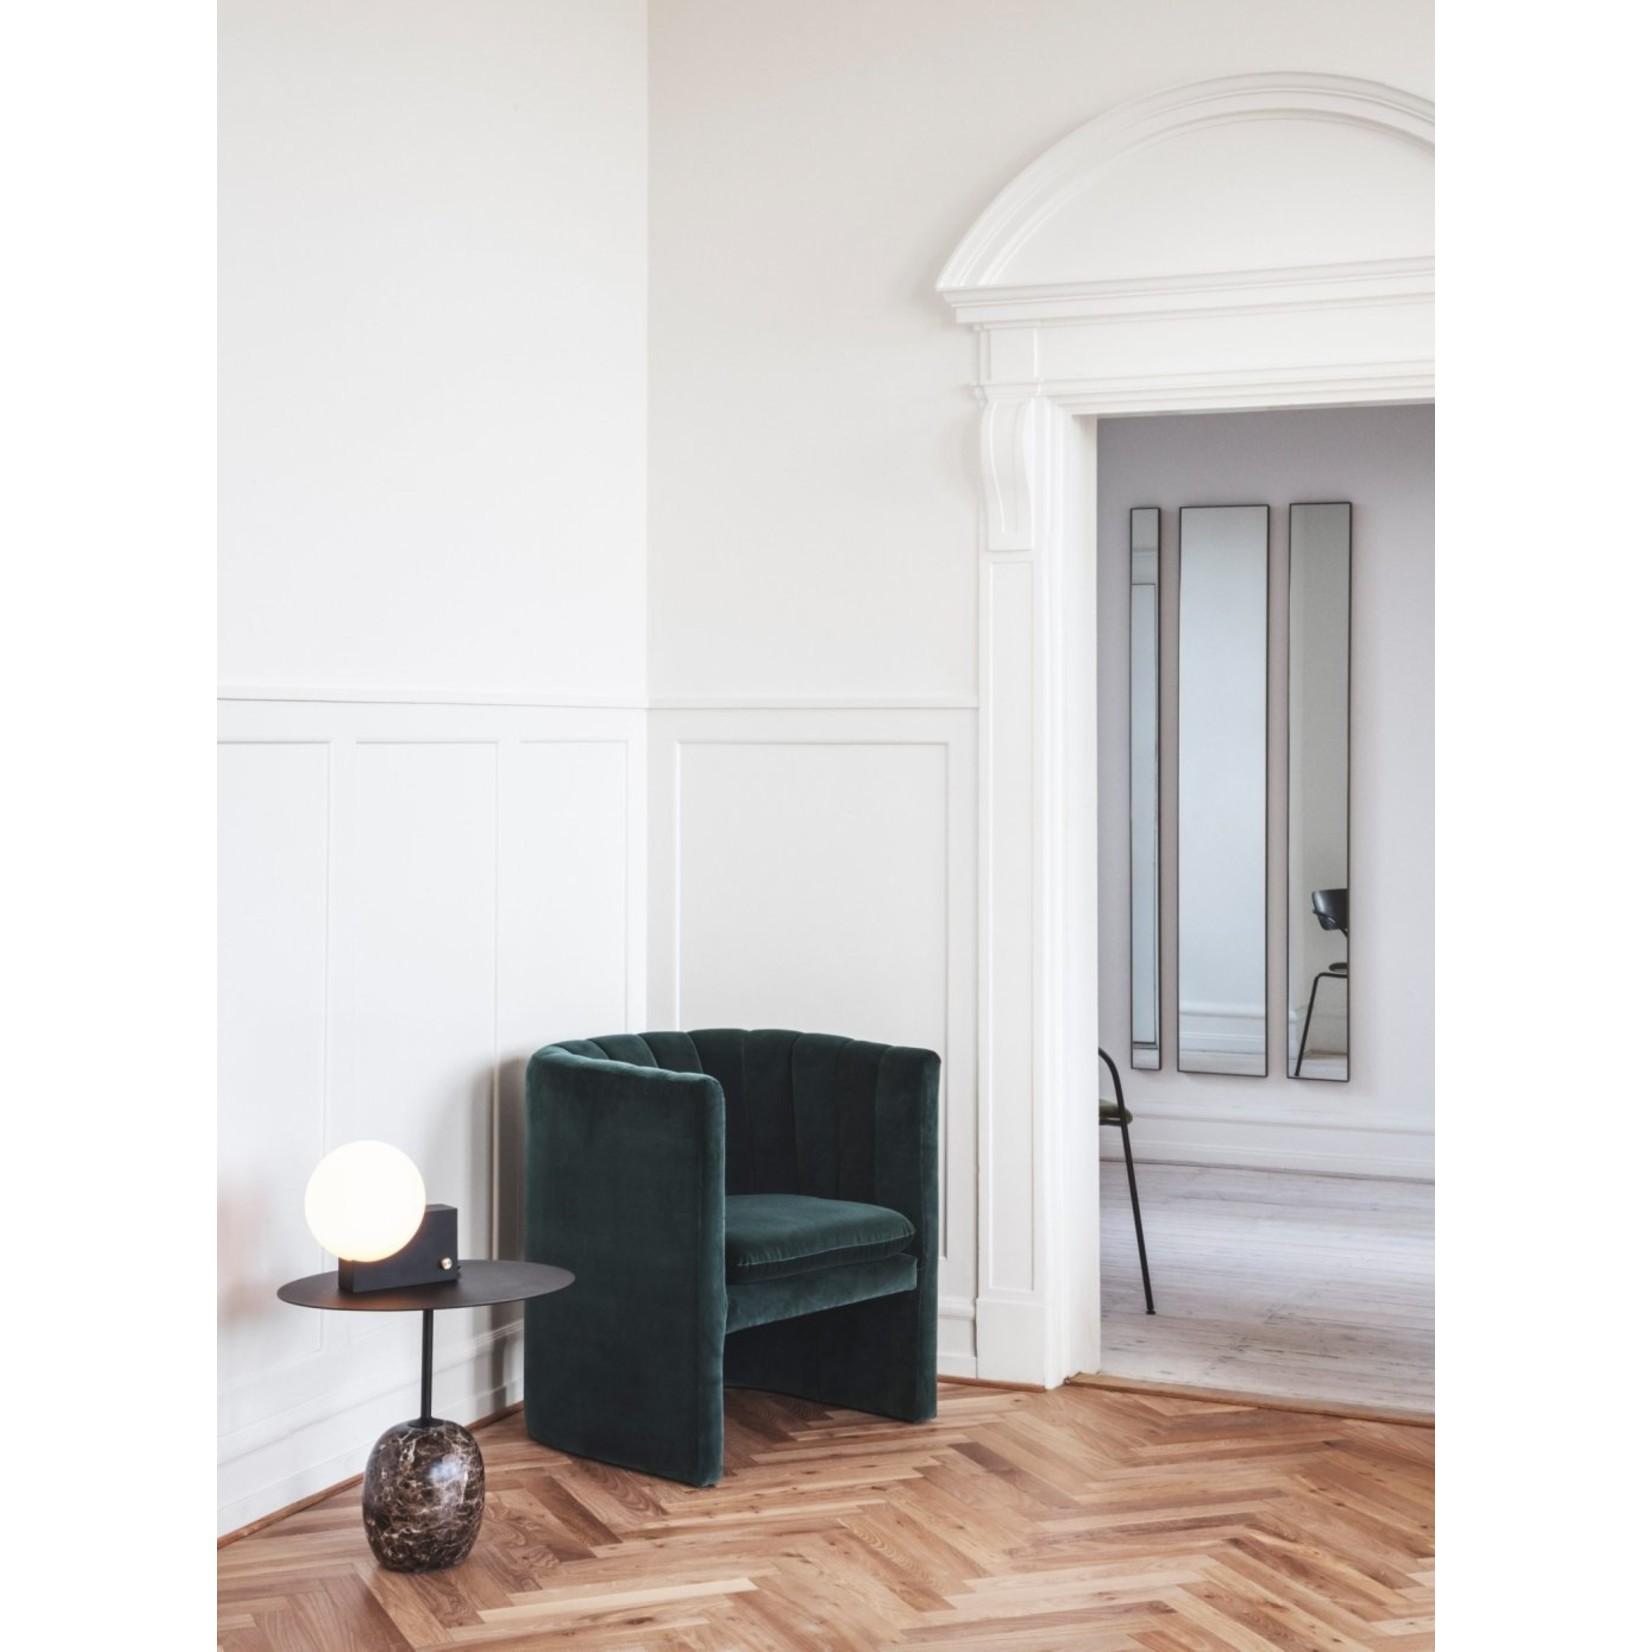 &Tradition Bijzettafel Lato LN9   Warm Black & Emperador Marble